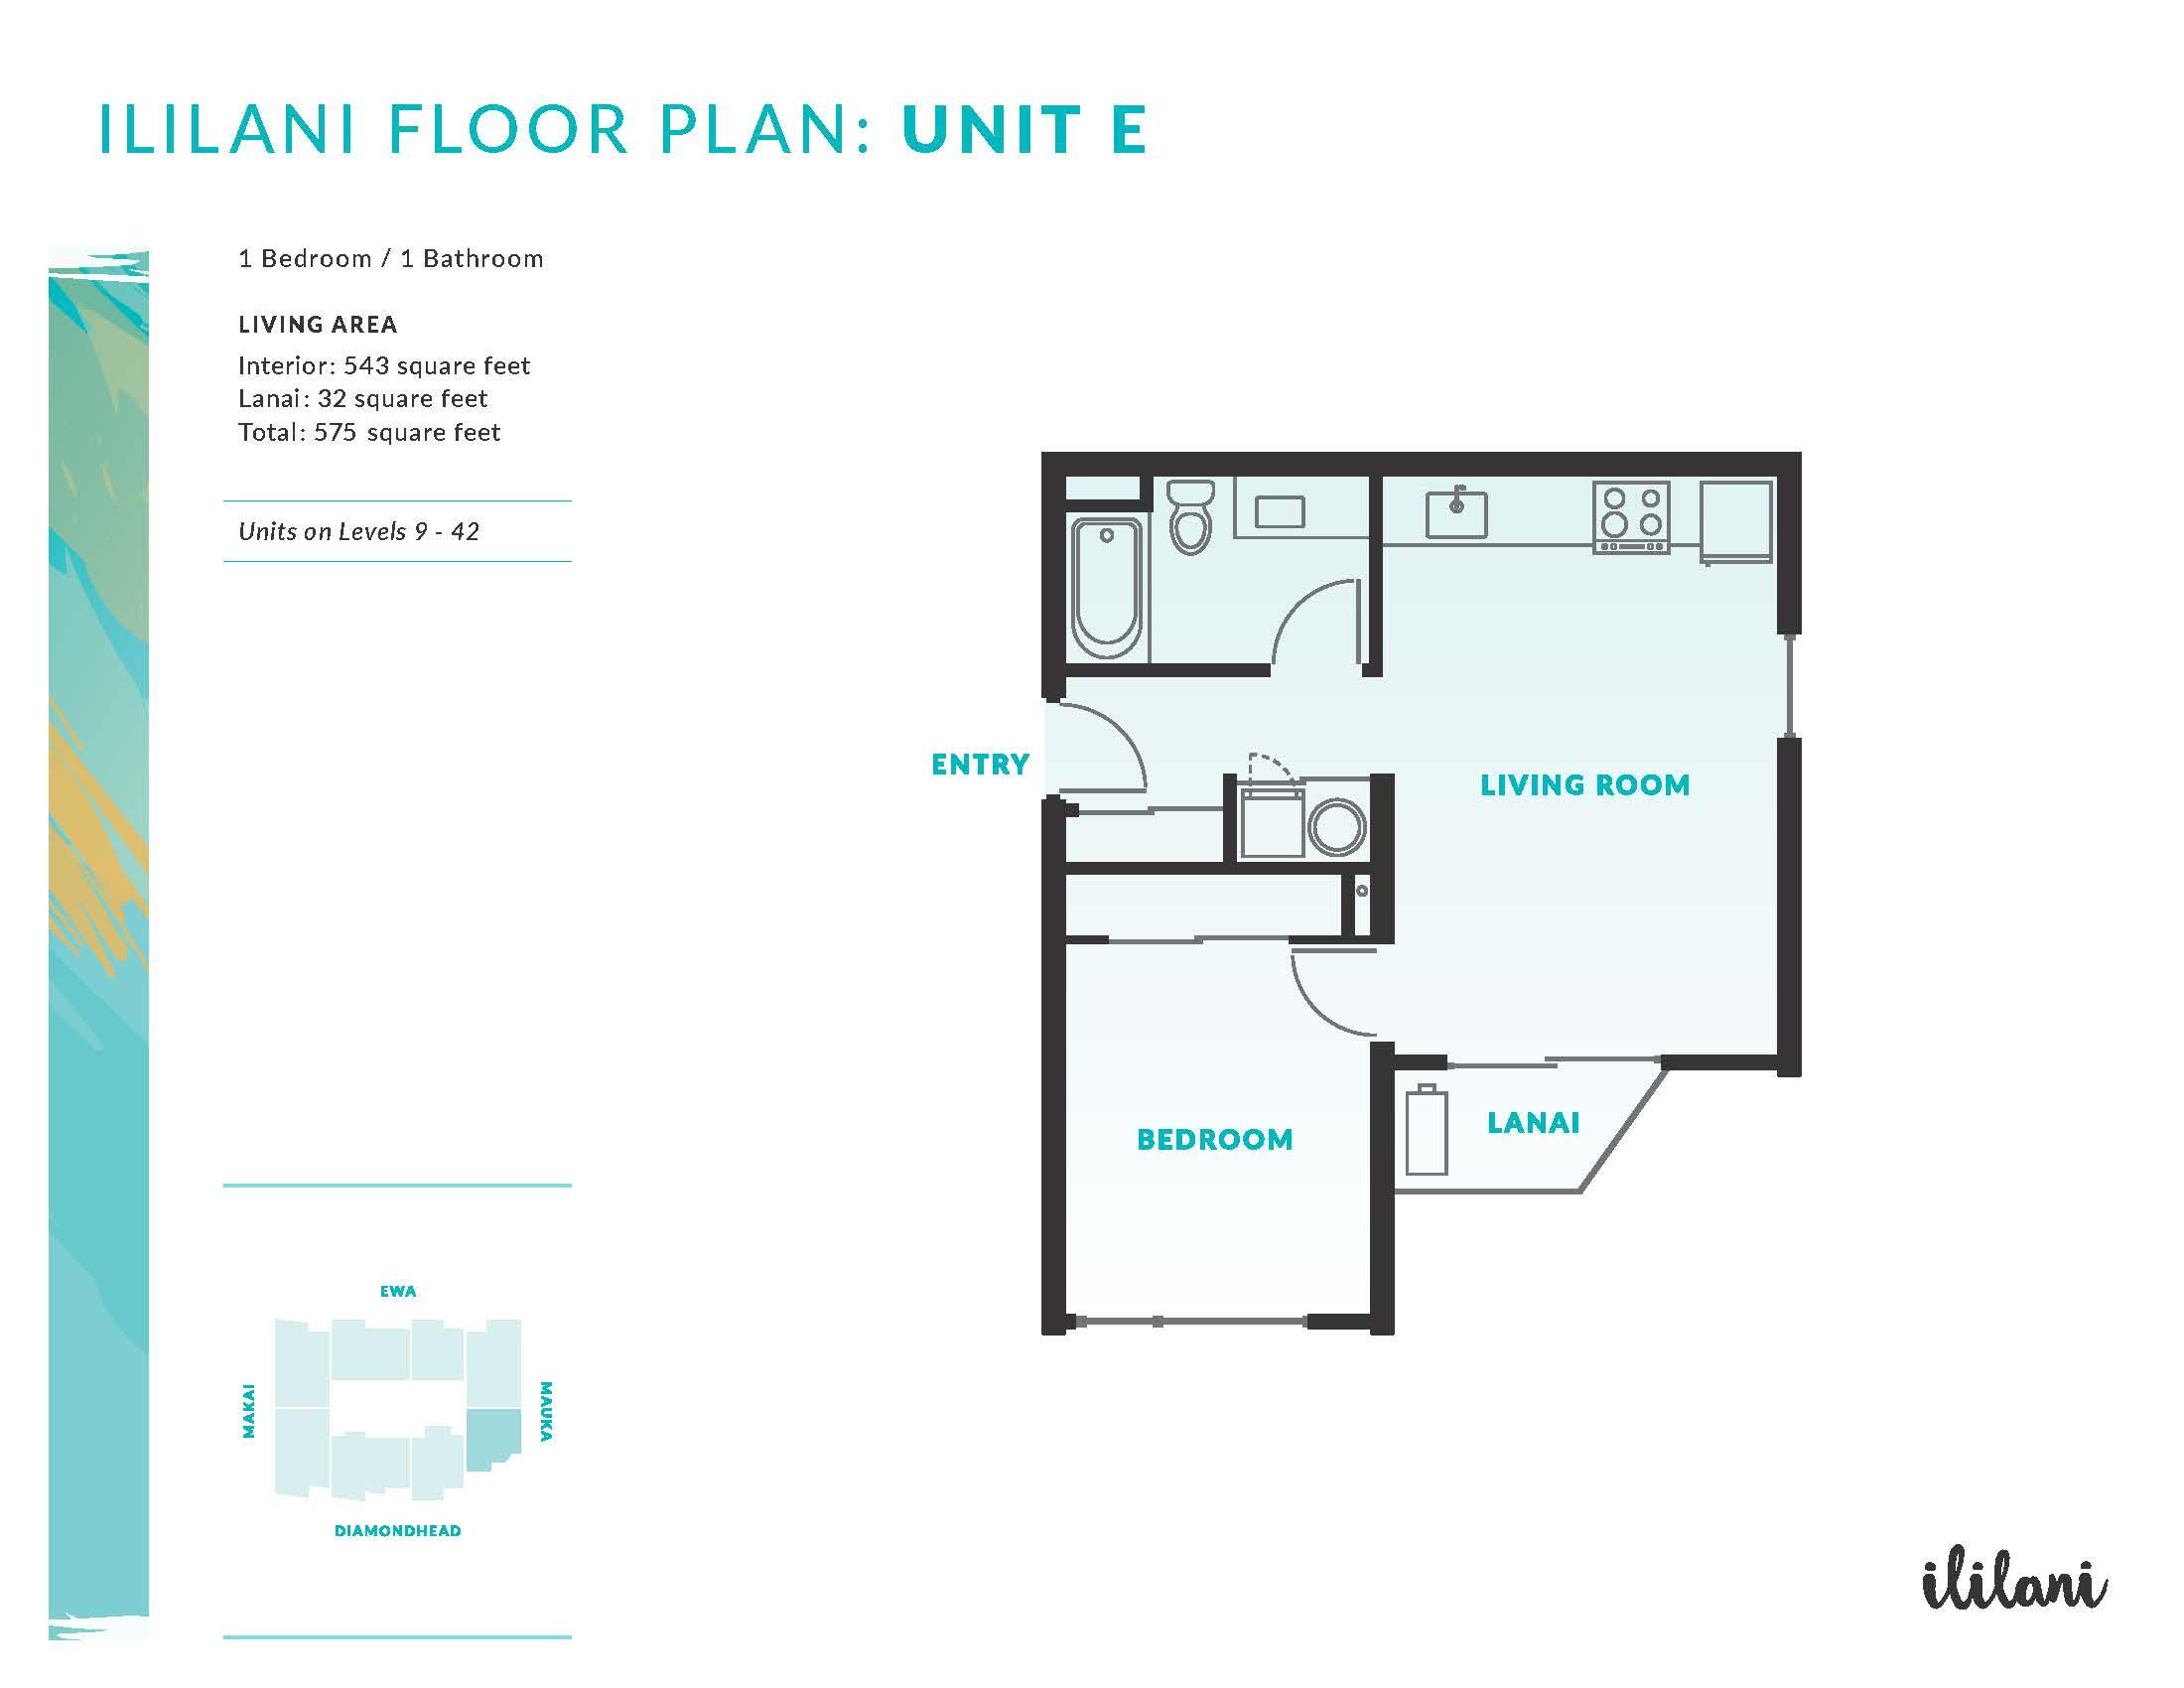 Ililani Floor Plan E